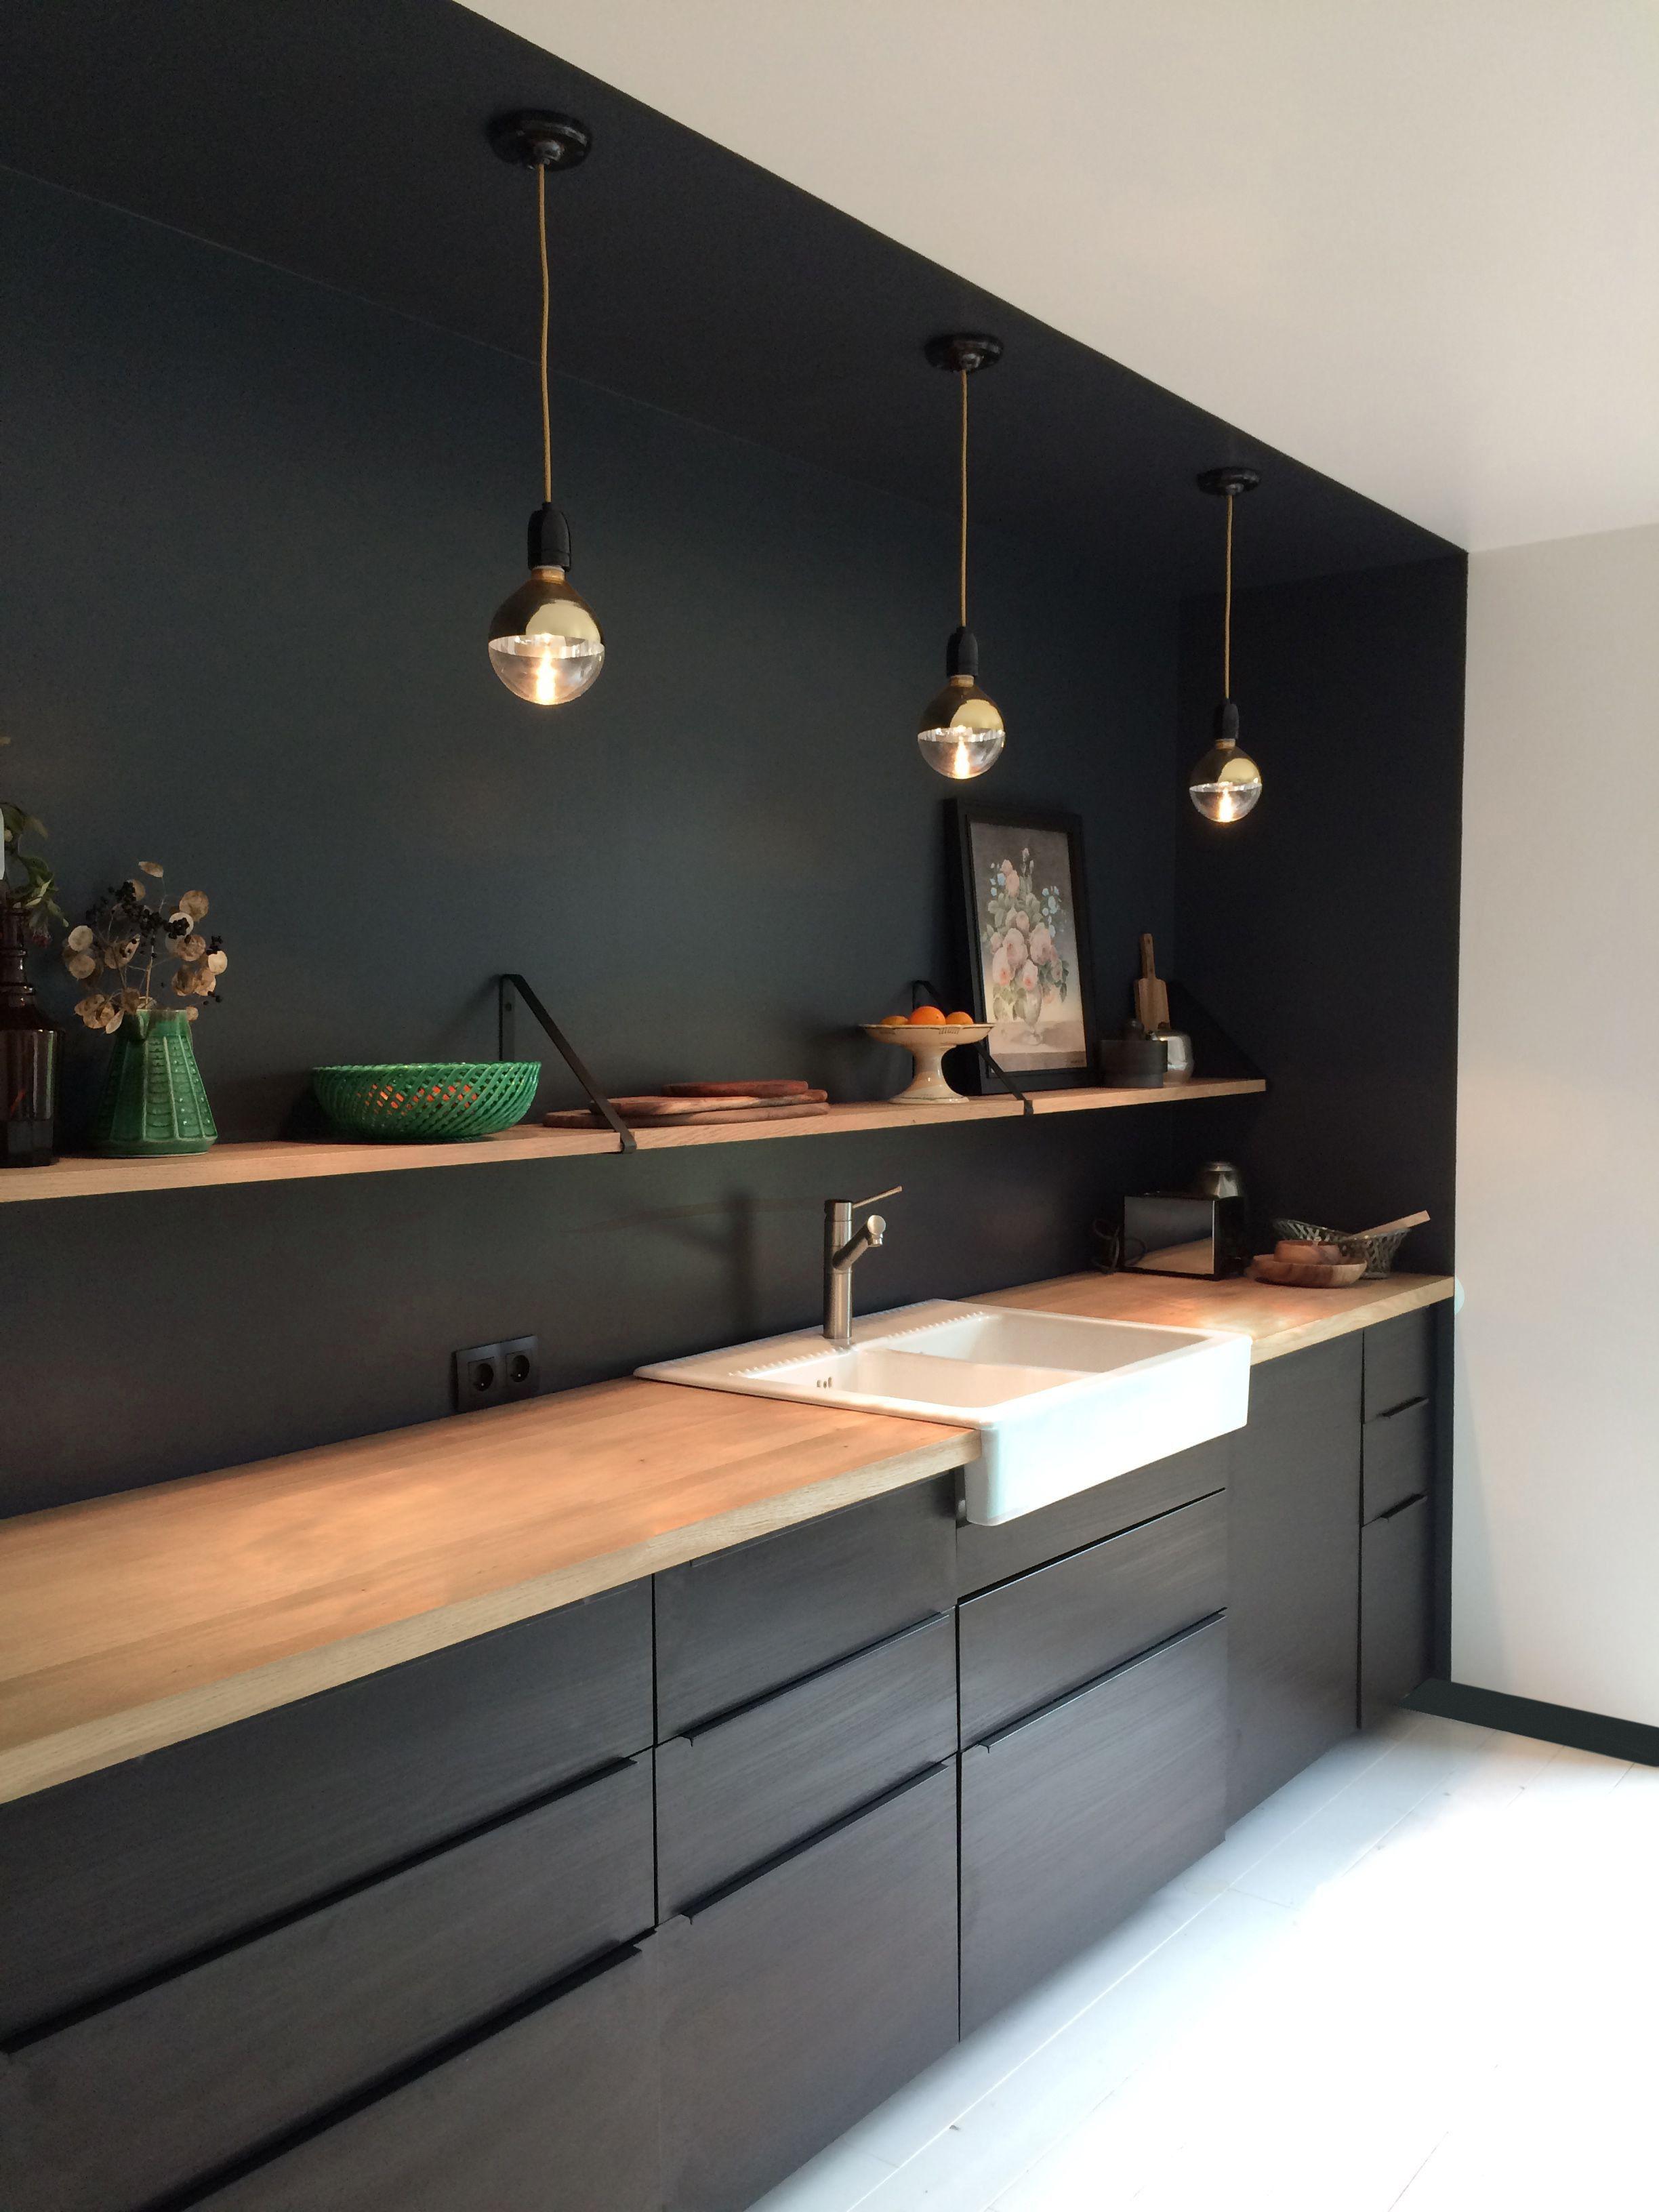 Resultats De Recherche D Images Pour Fenix Faced Ply Cuisine Noire Cuisines Design Decoration Cuisine